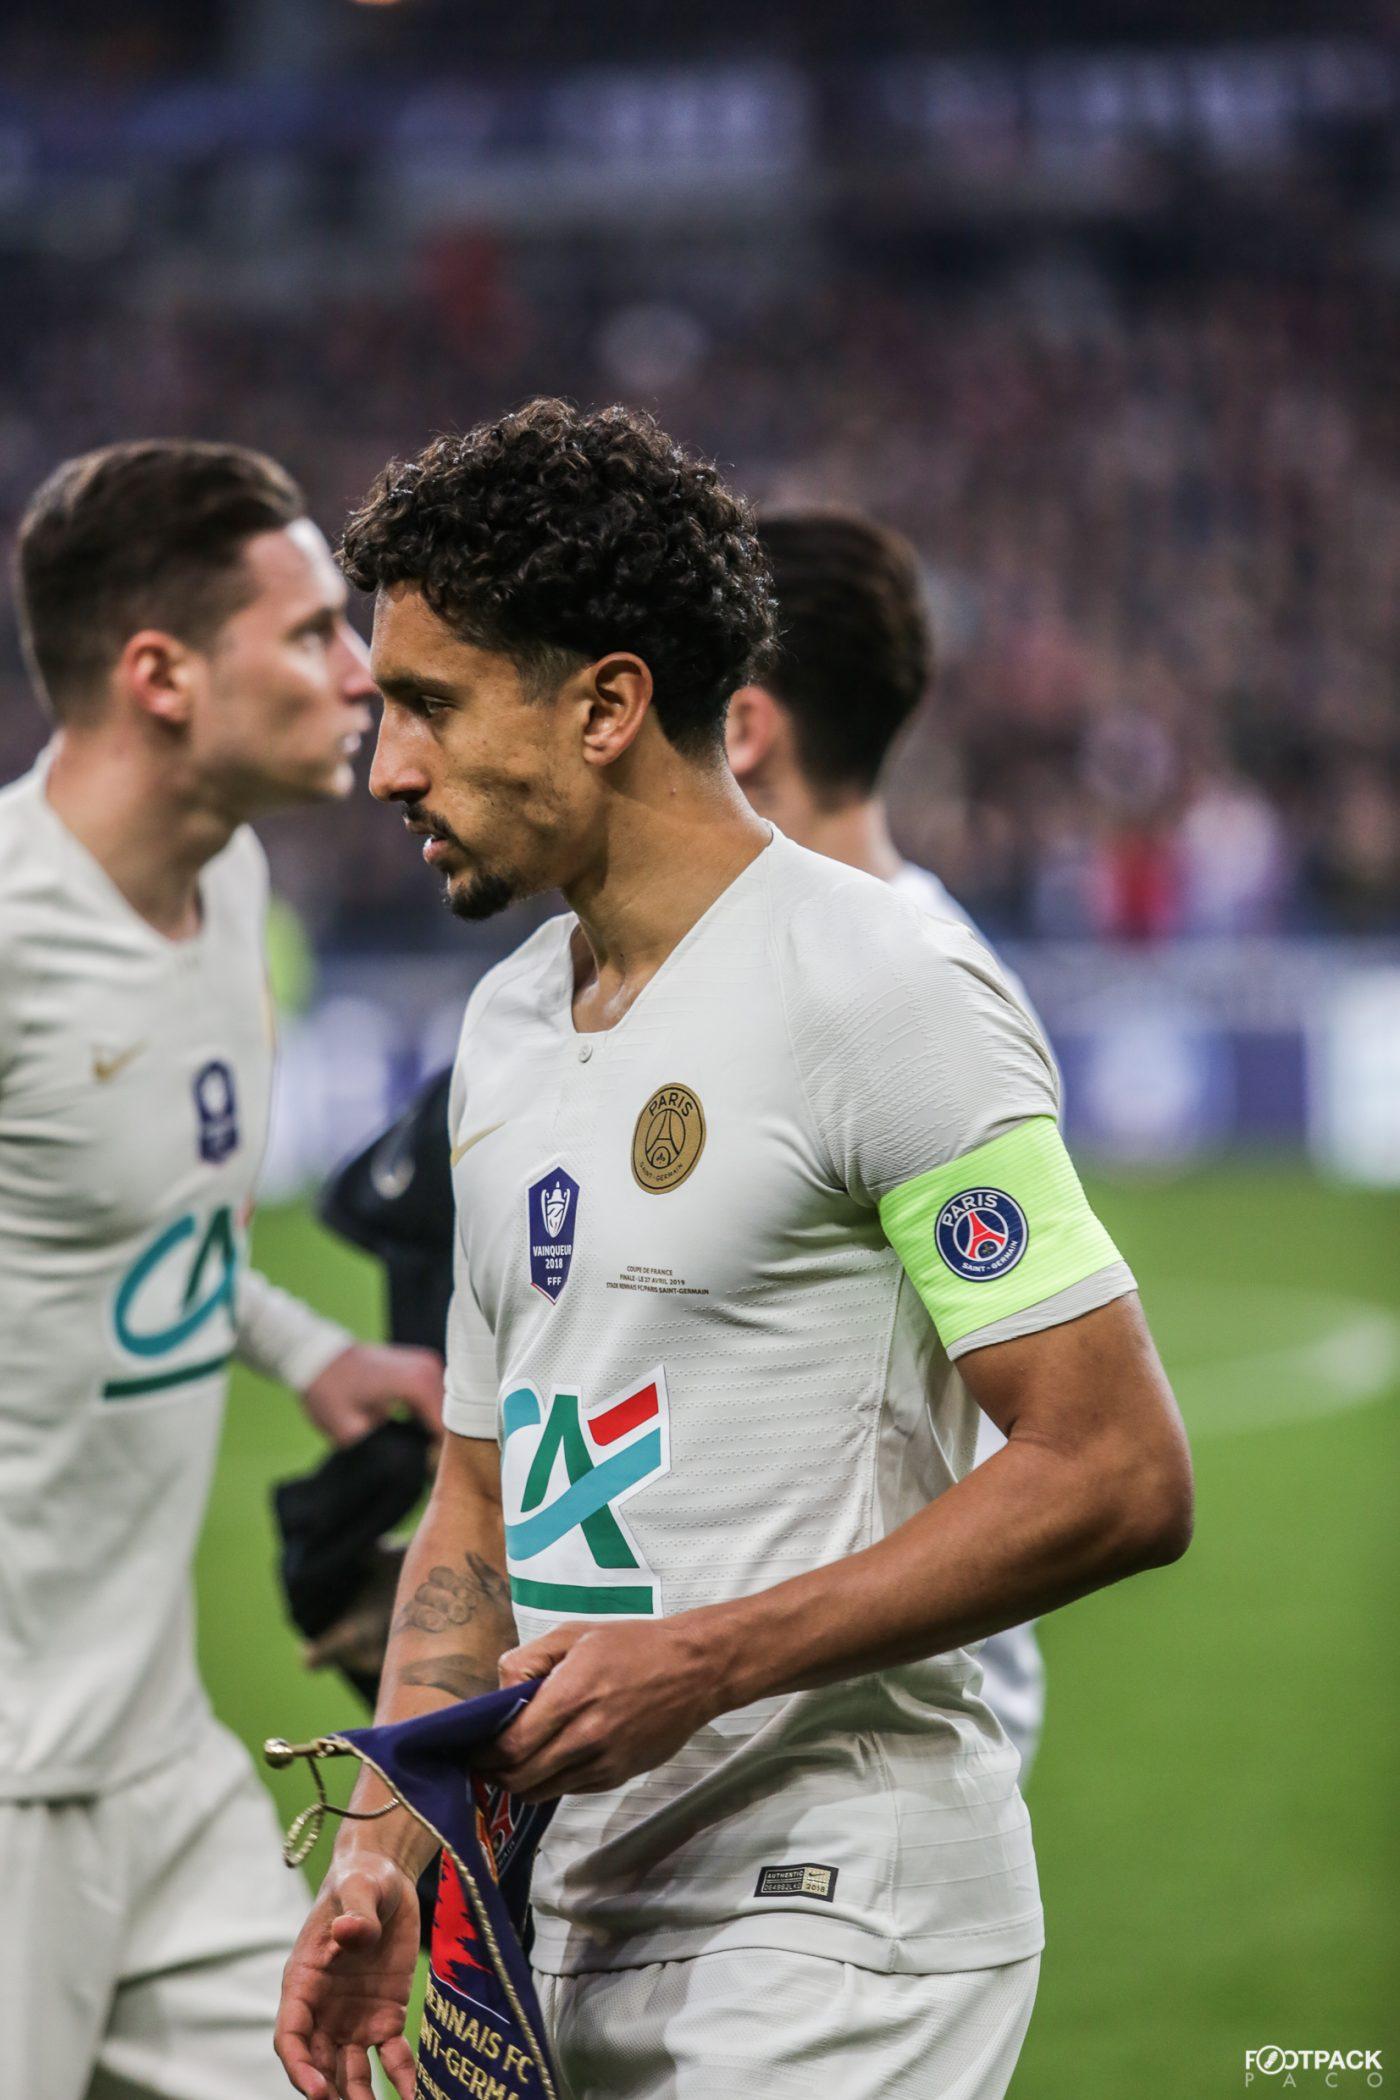 finale-coupe-de-france-2019-rennes-paris-saint-germain-24